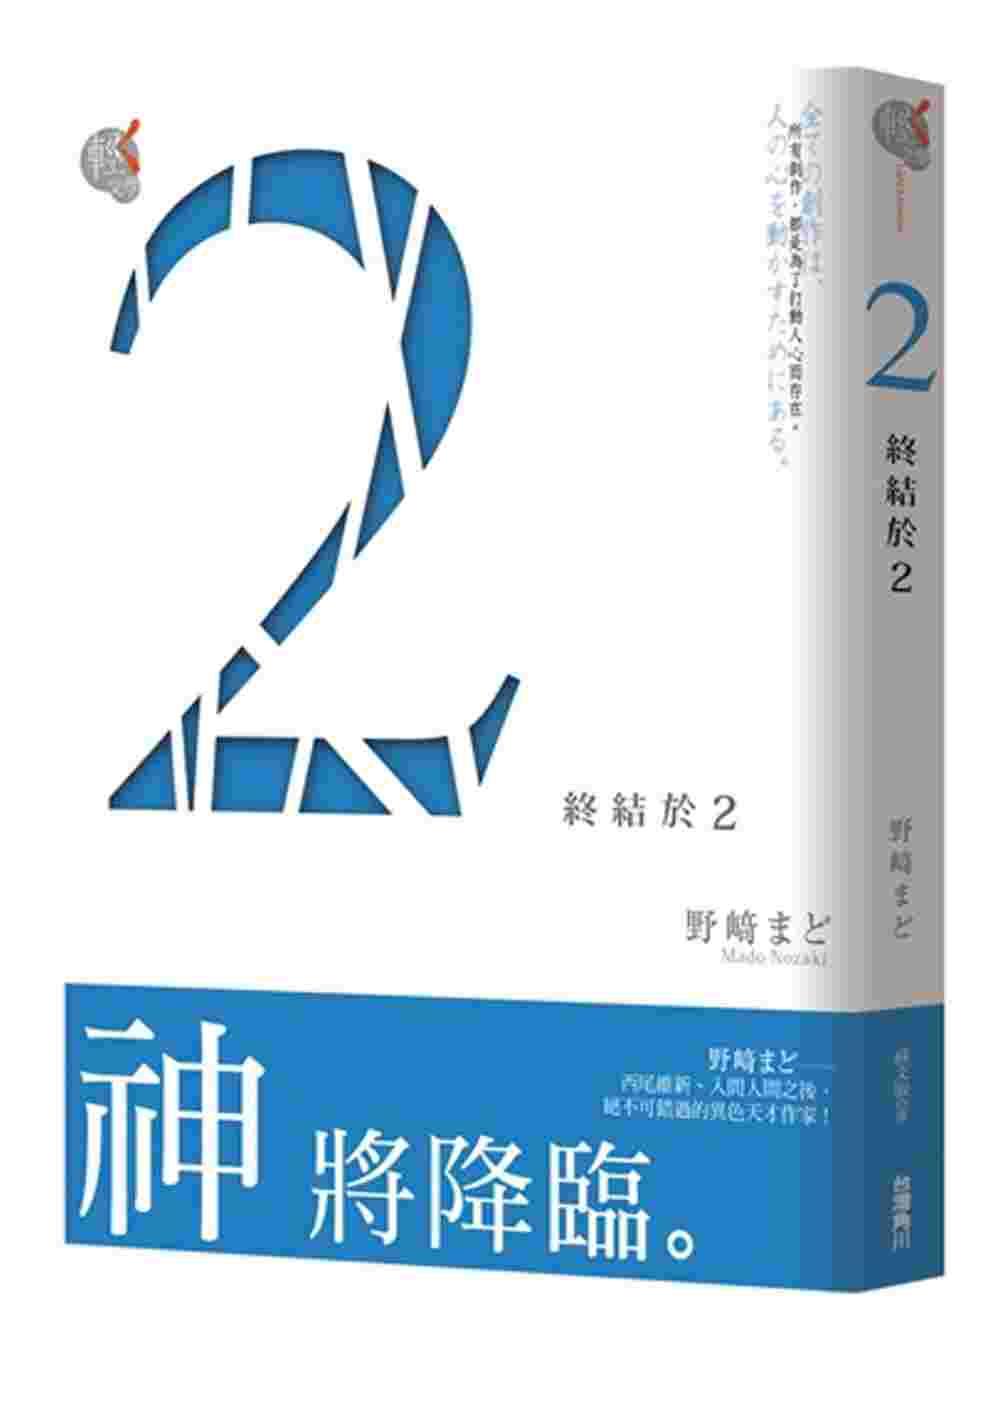 2(終結於2)02